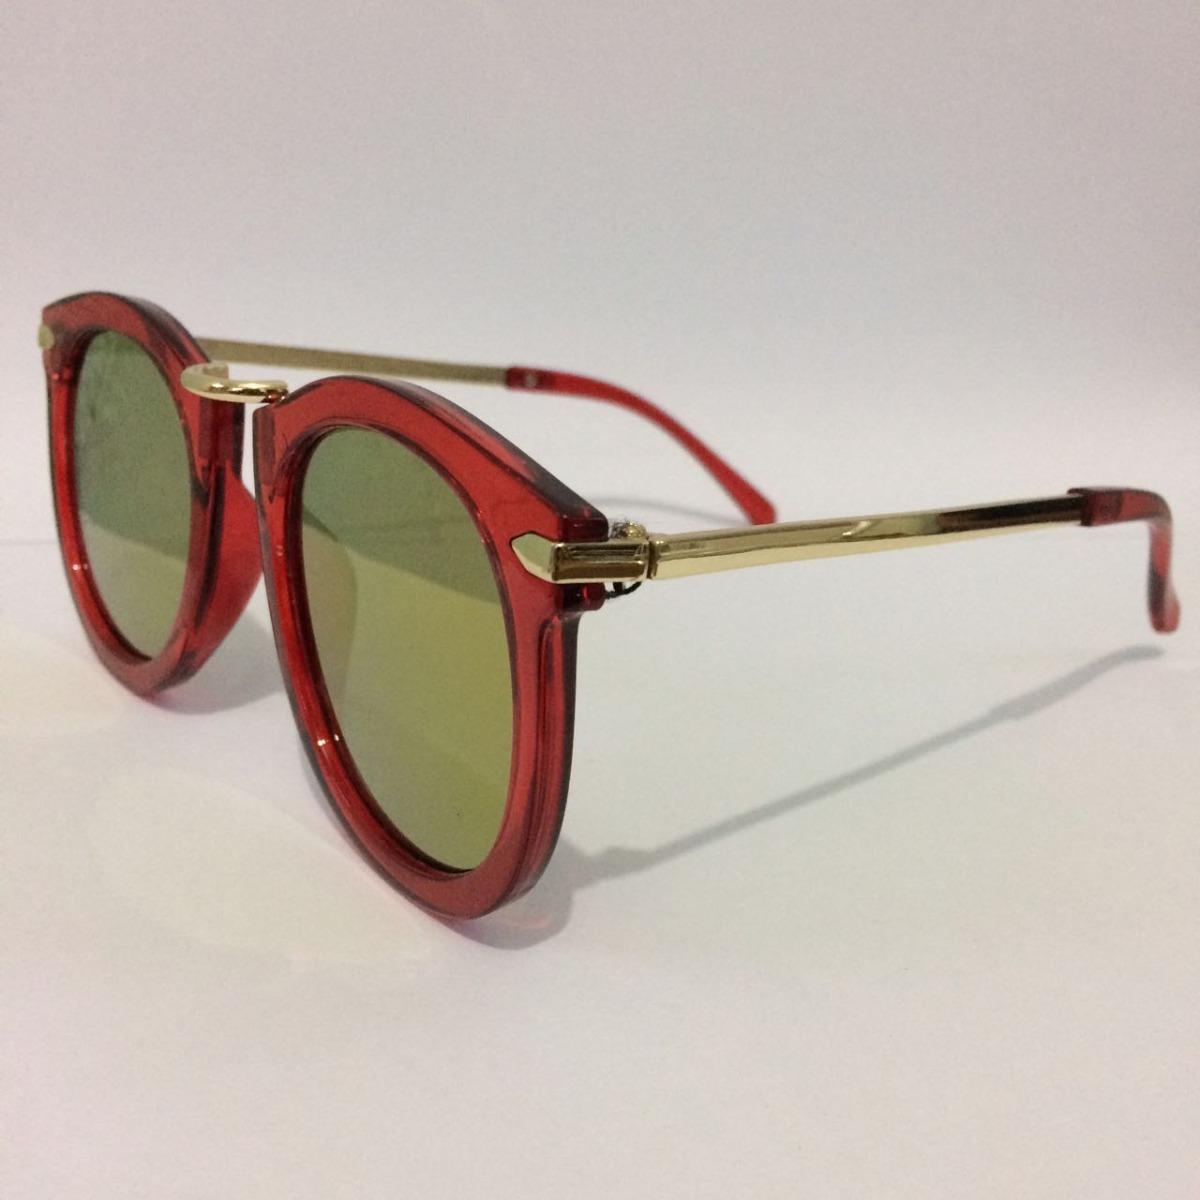 c7640d157 Óculos De Sol Feminino Vermelho Redondo Espelhado Vintage - R$ 25,00 em  Mercado Livre